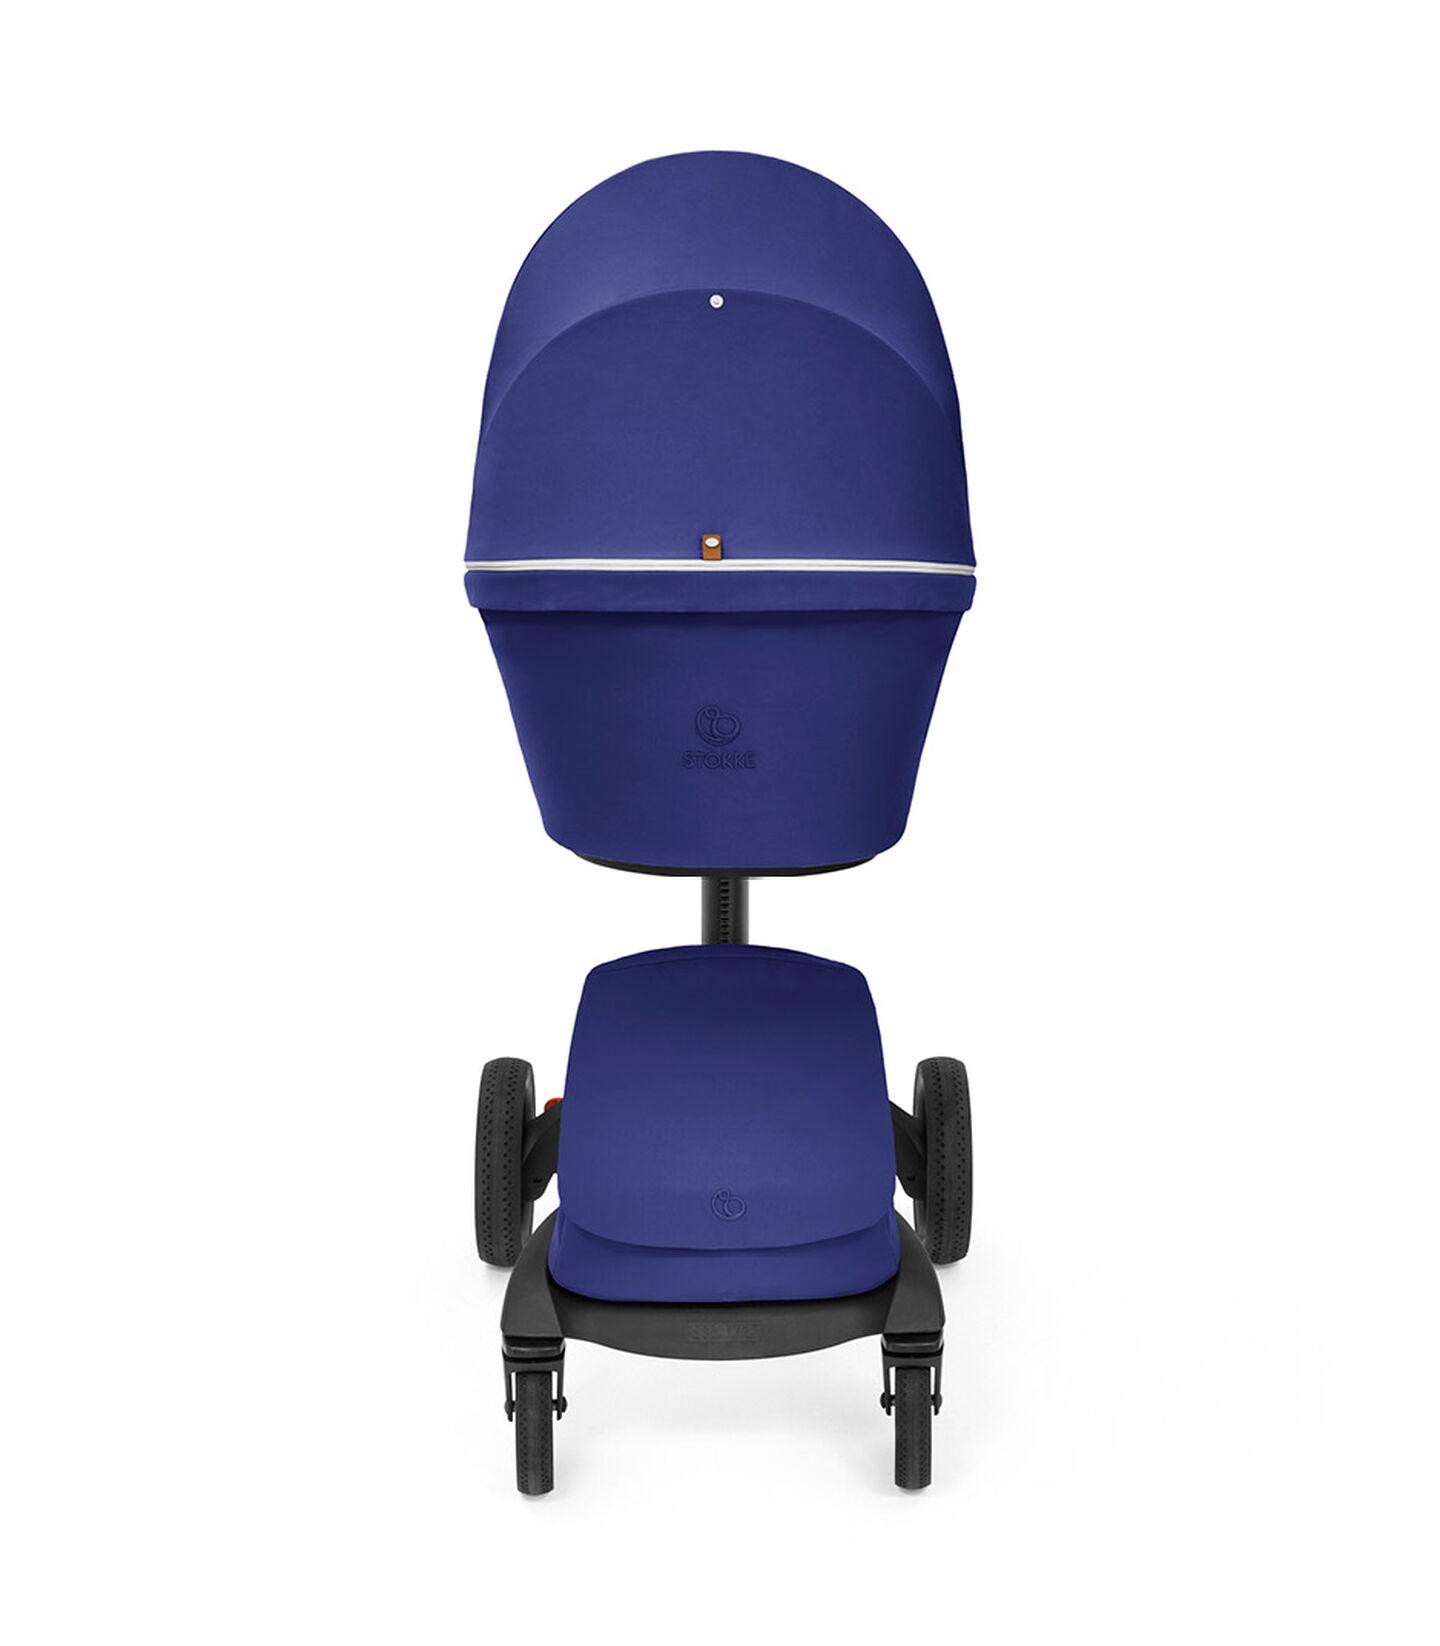 Gondola Stokke® Xplory® X Królewski niebieski, Królewski niebieski, mainview view 4